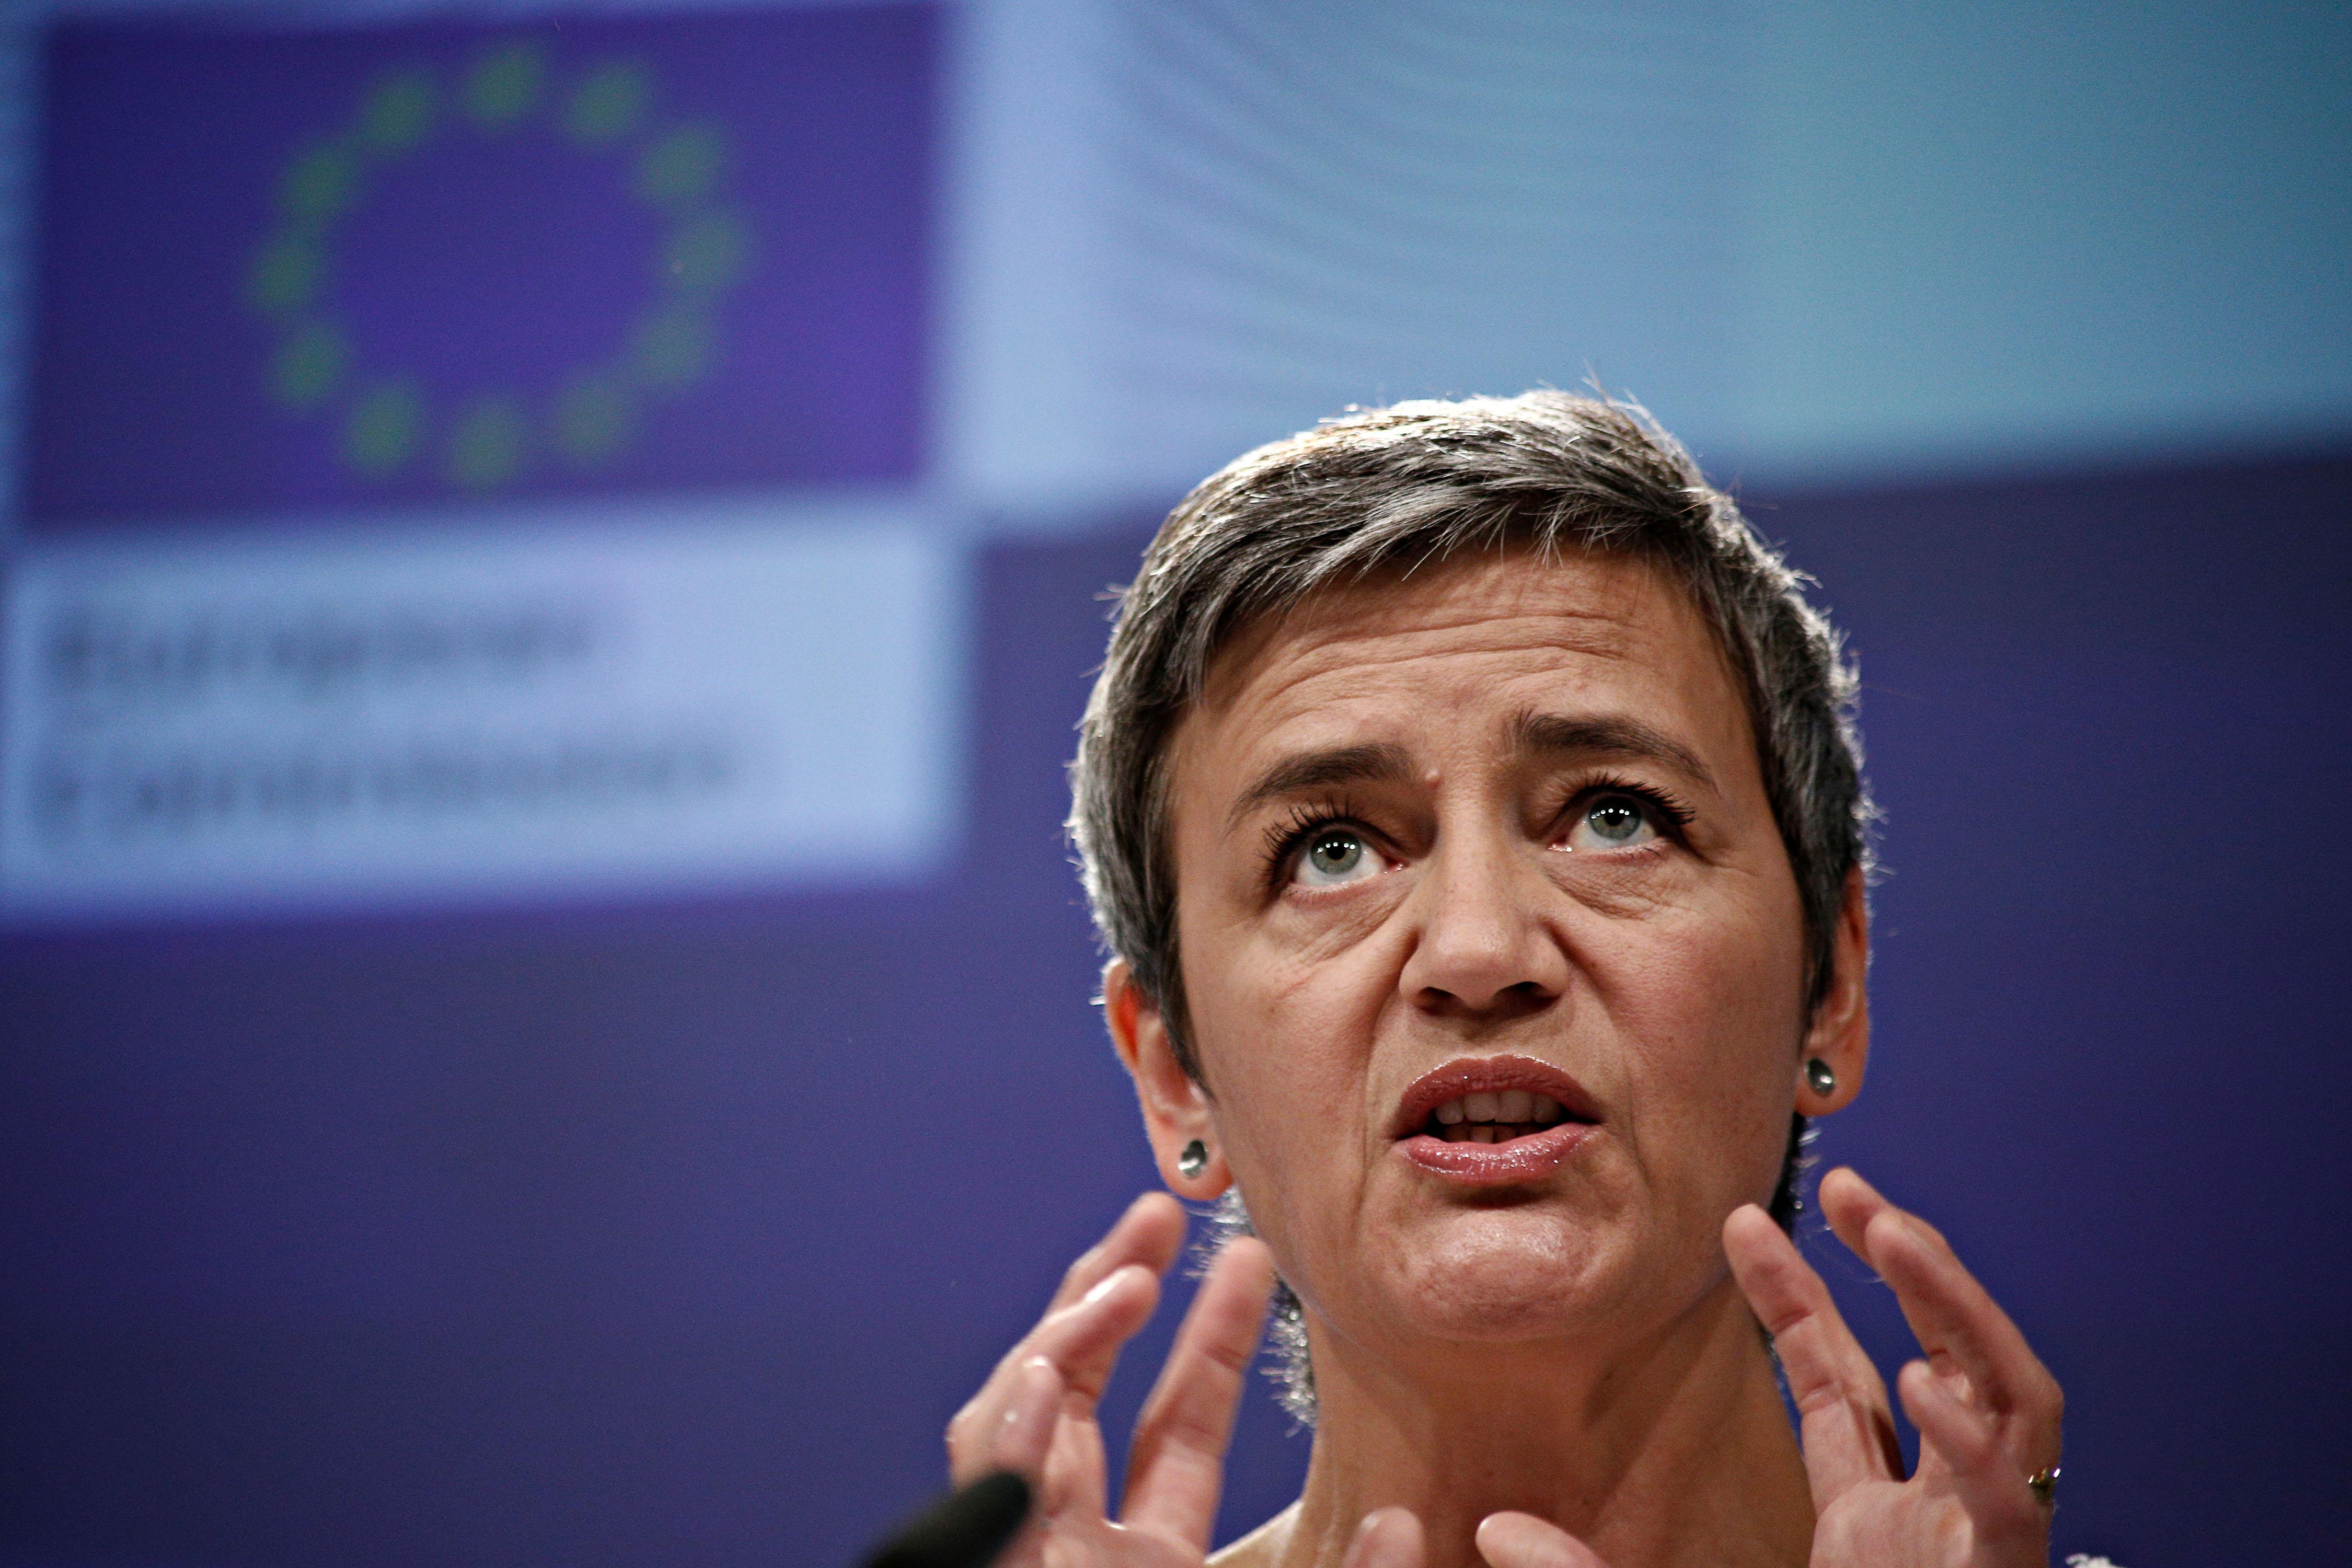 Az EU 111 millió euróra bírságolt négy nagy háztartási elektronikai céget, mert fenyegették az online kereskedőket, hogy ne merjék olcsóbban adni a termékeiket